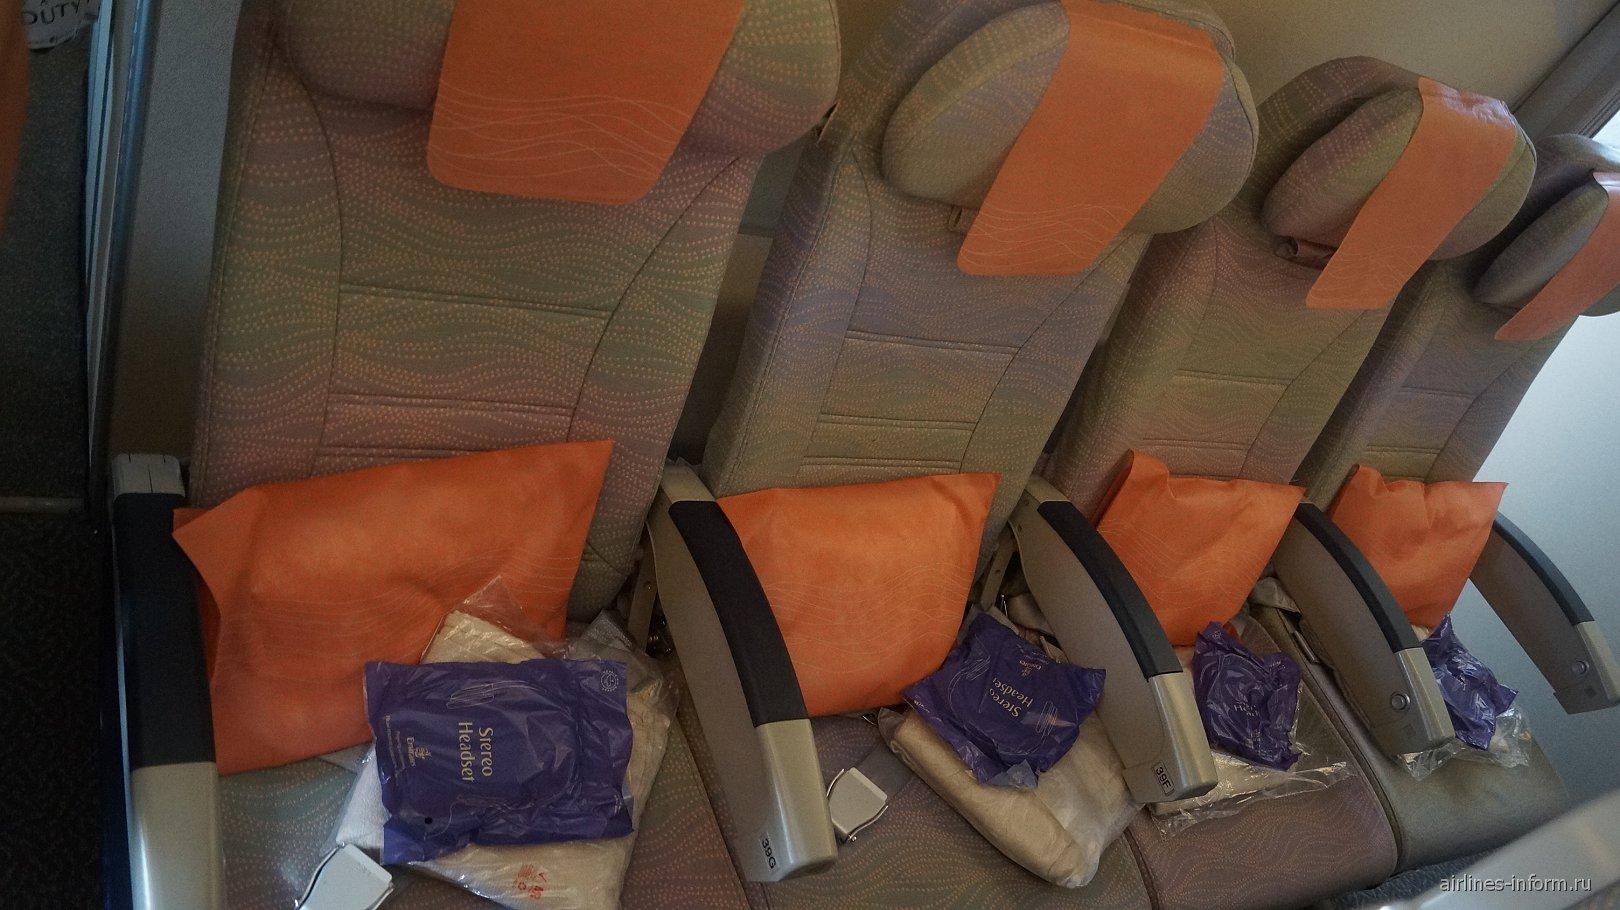 Пассажирские кресла экономического класса в самолете Боинг-777-200 авиакомпании Emirates